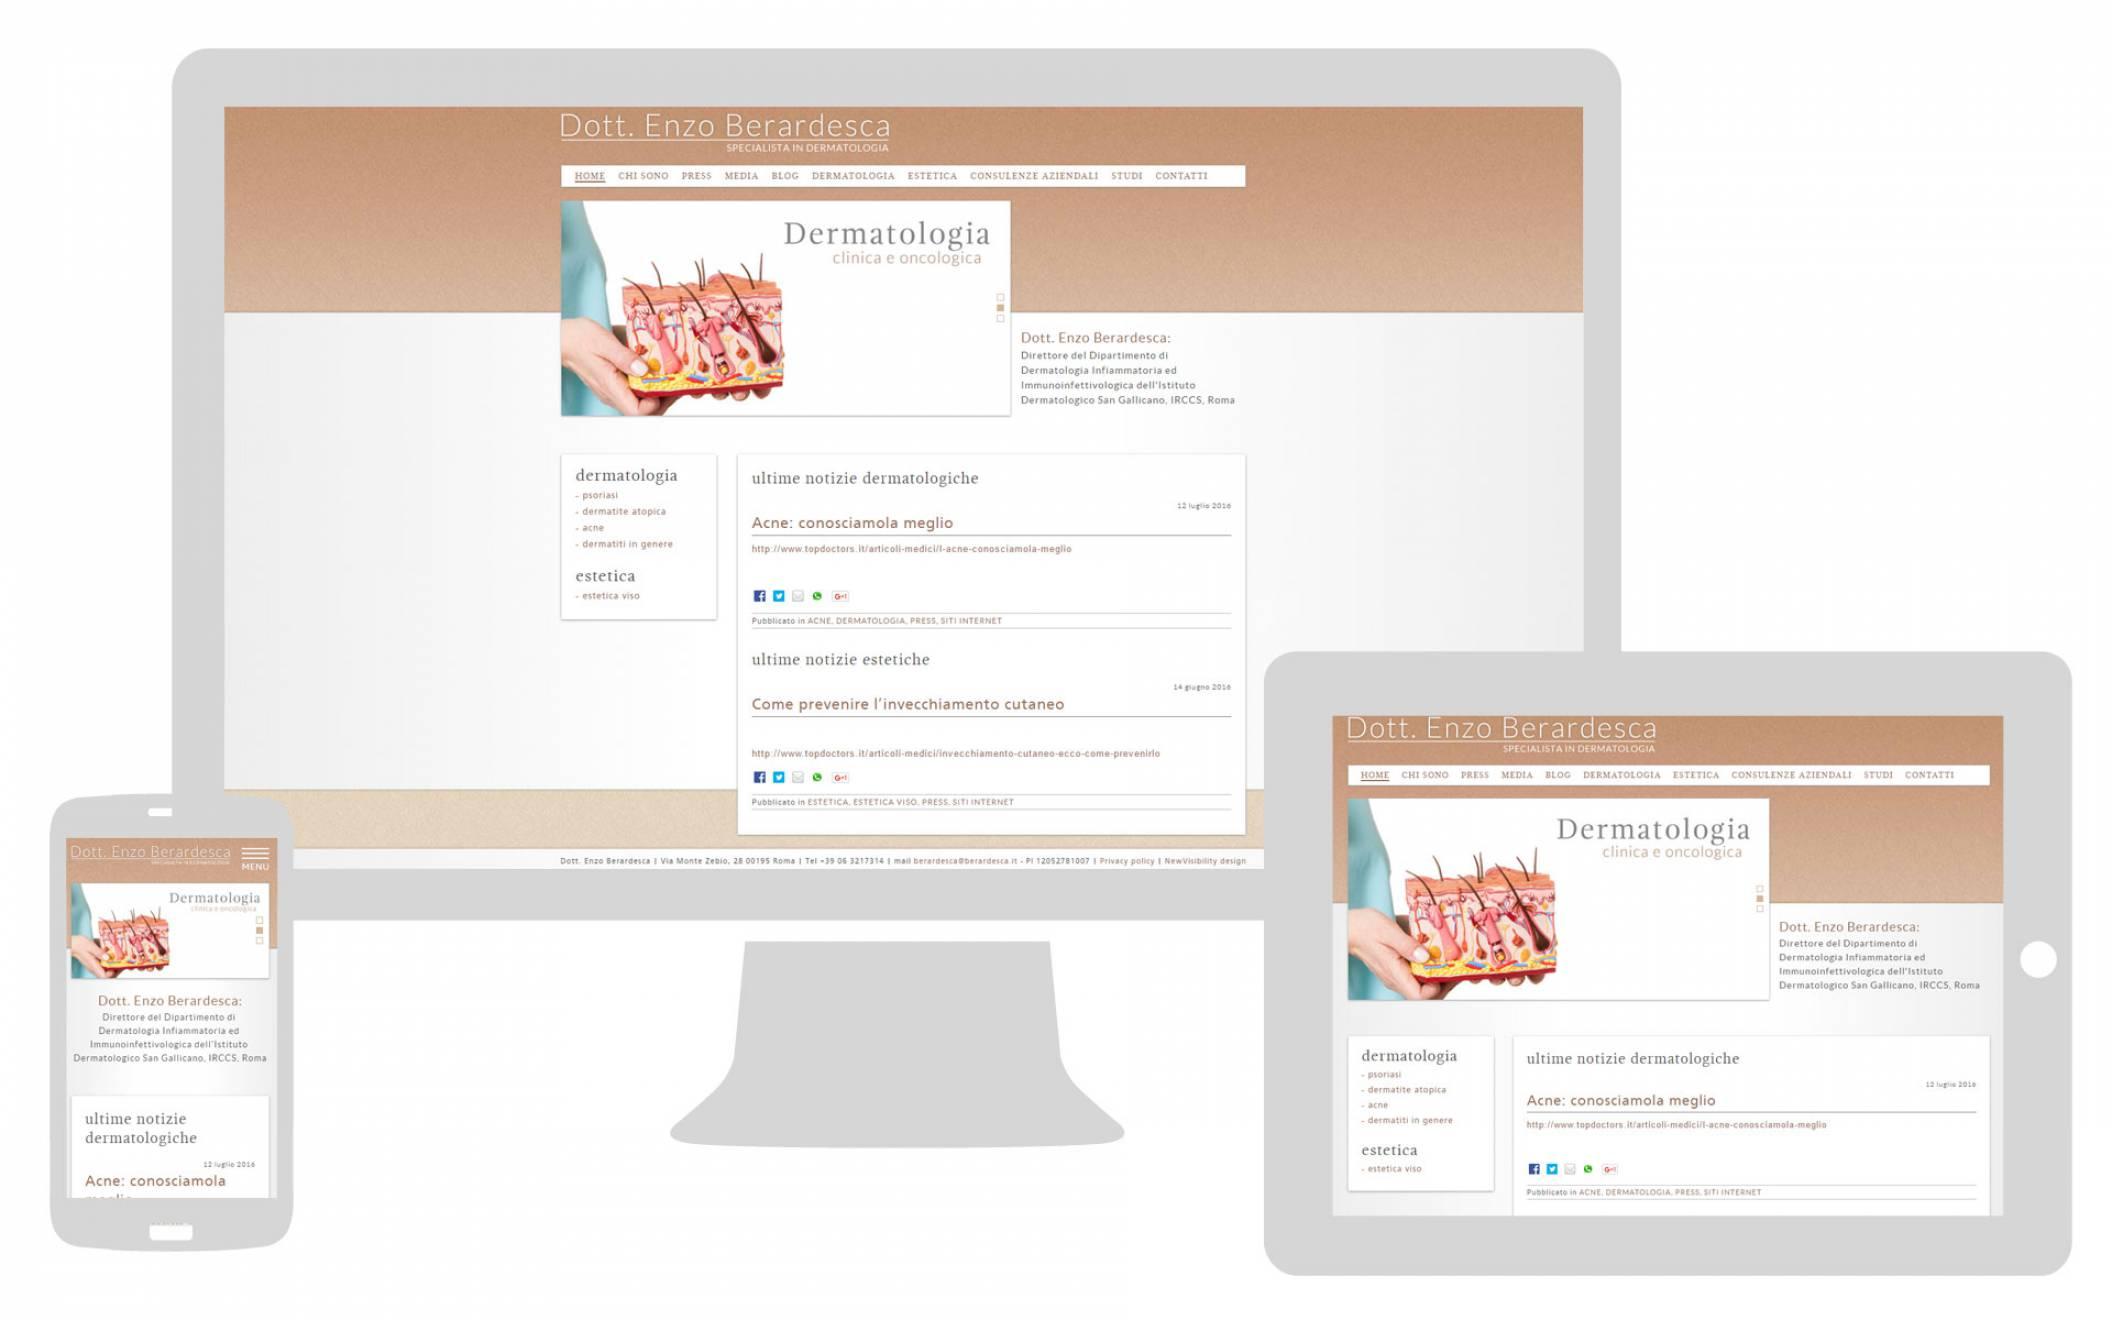 Realizzazione sito internet responsive Dottor Berardesca NewVisibility